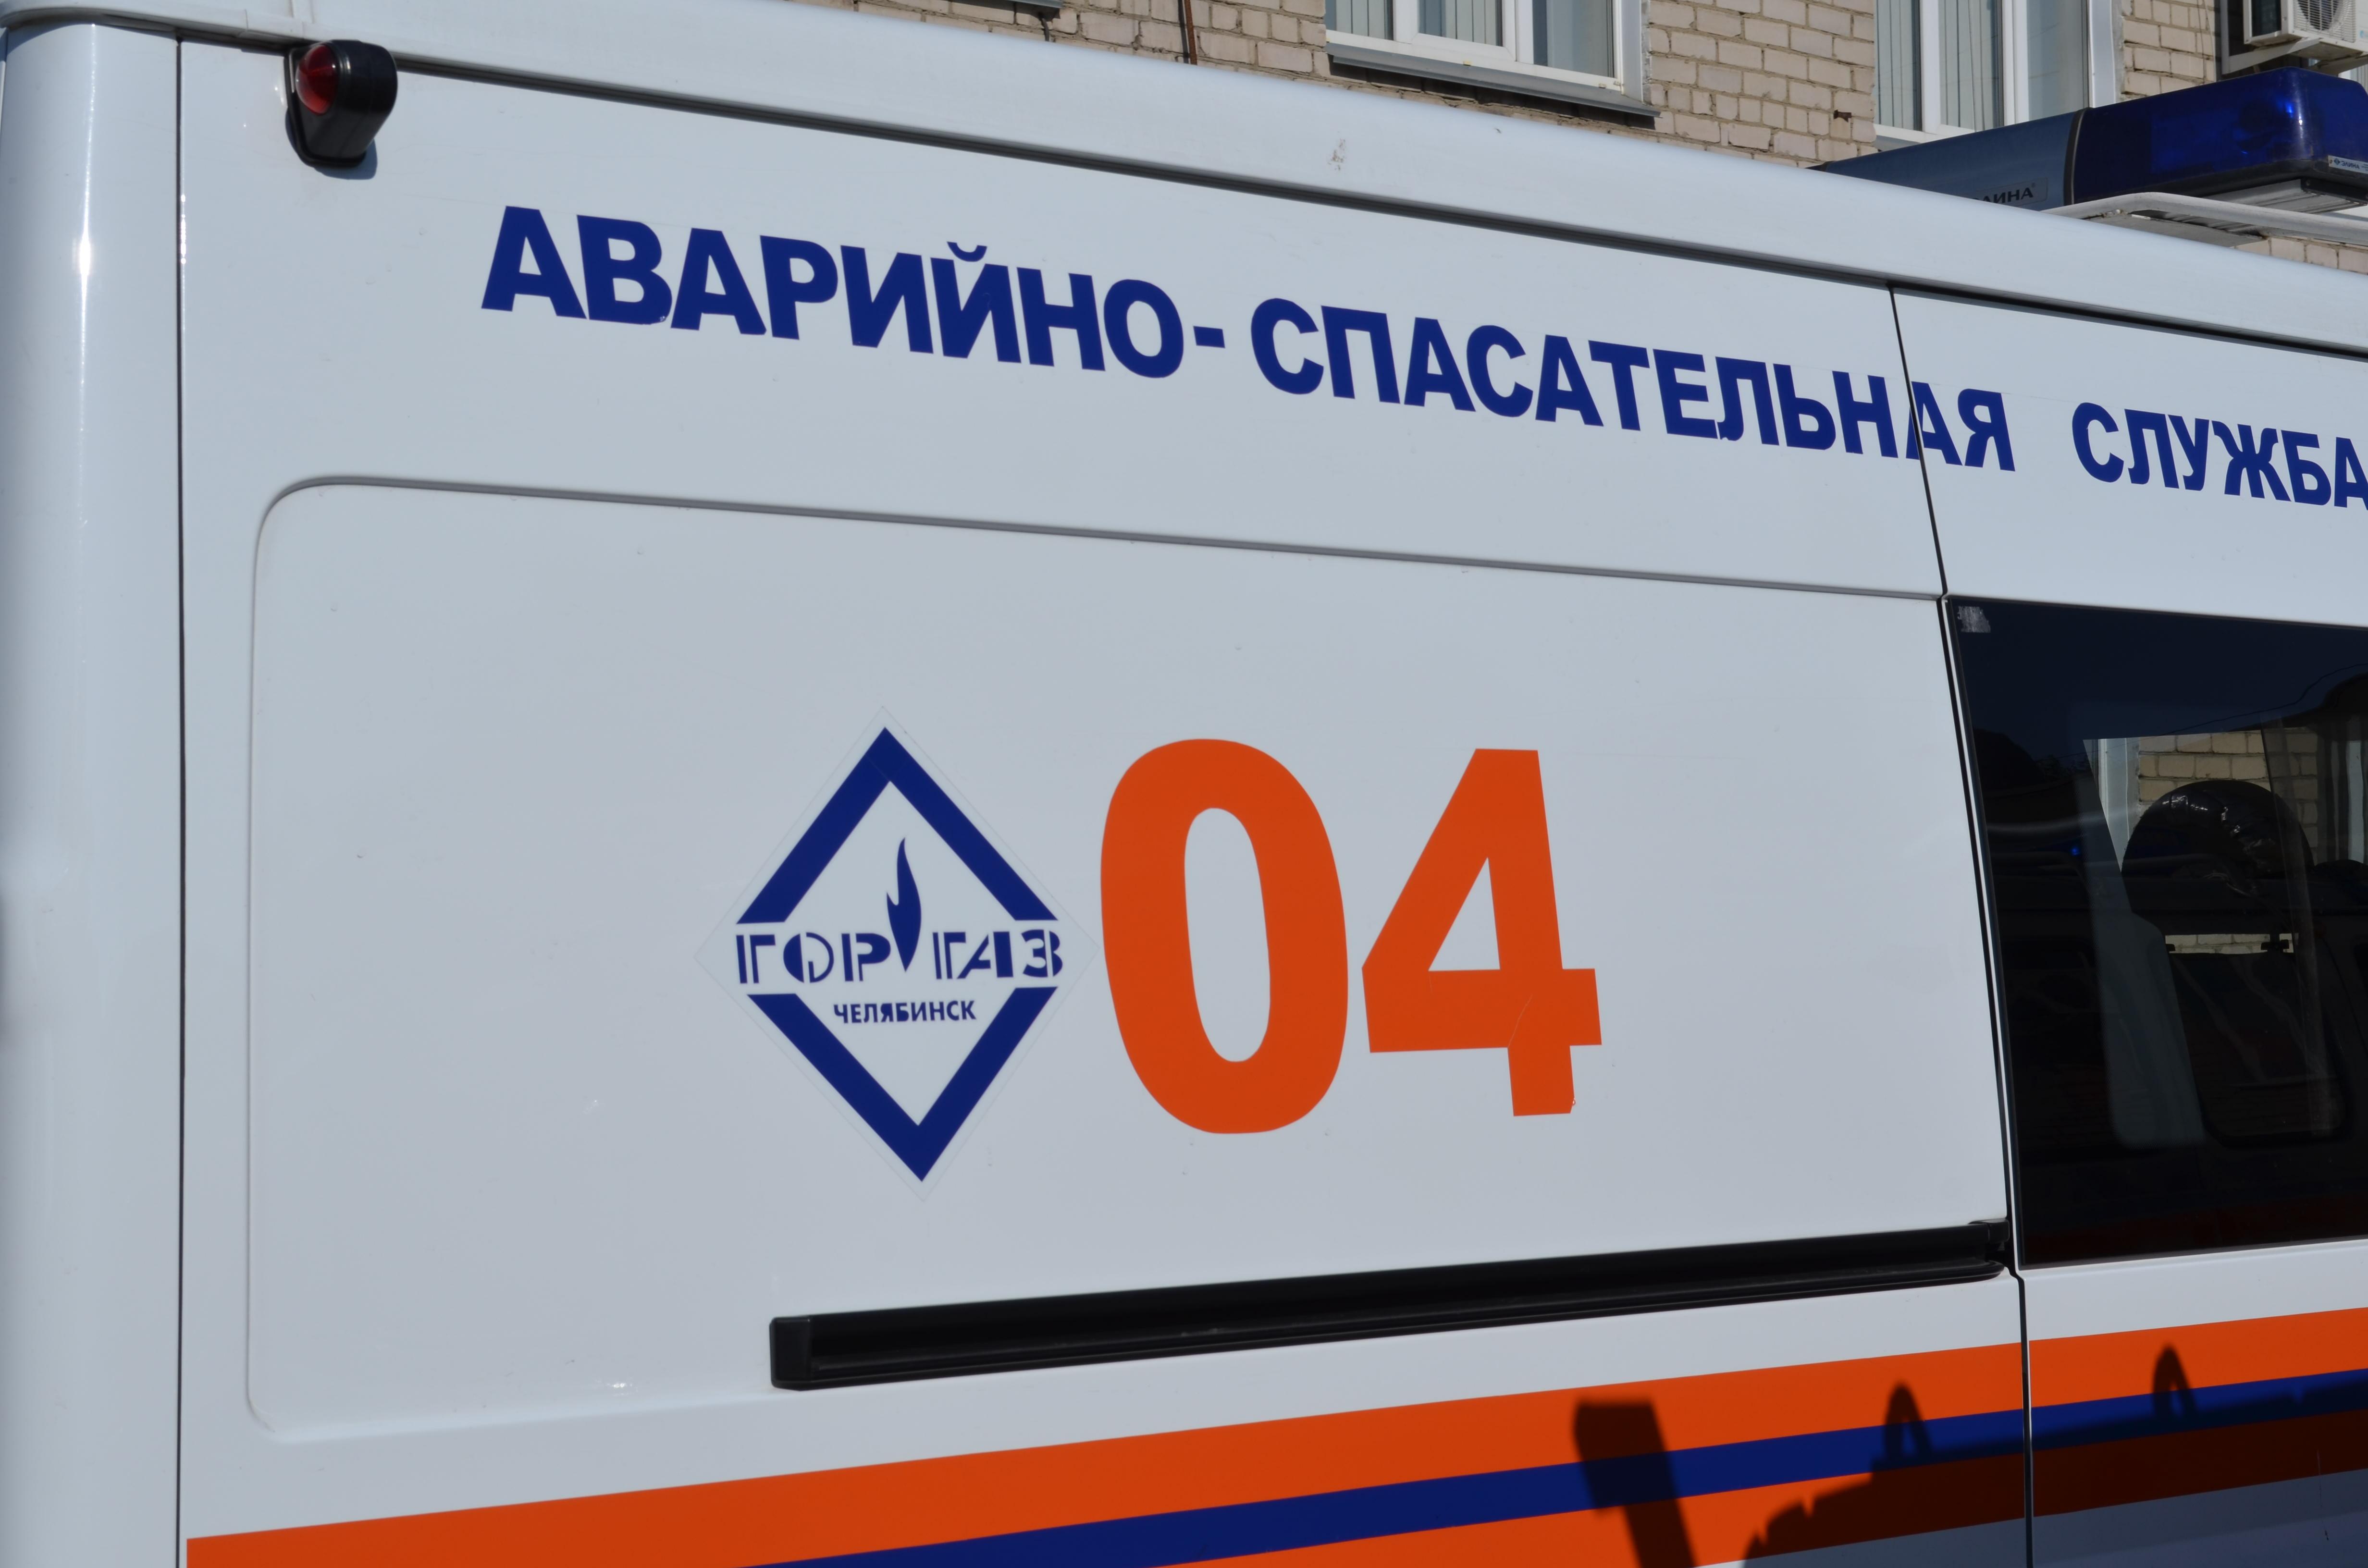 Как сообщили агентству «Урал-пресс-информ» в ОАО «Челябинскгоргаз», всего в этом году будет обсле